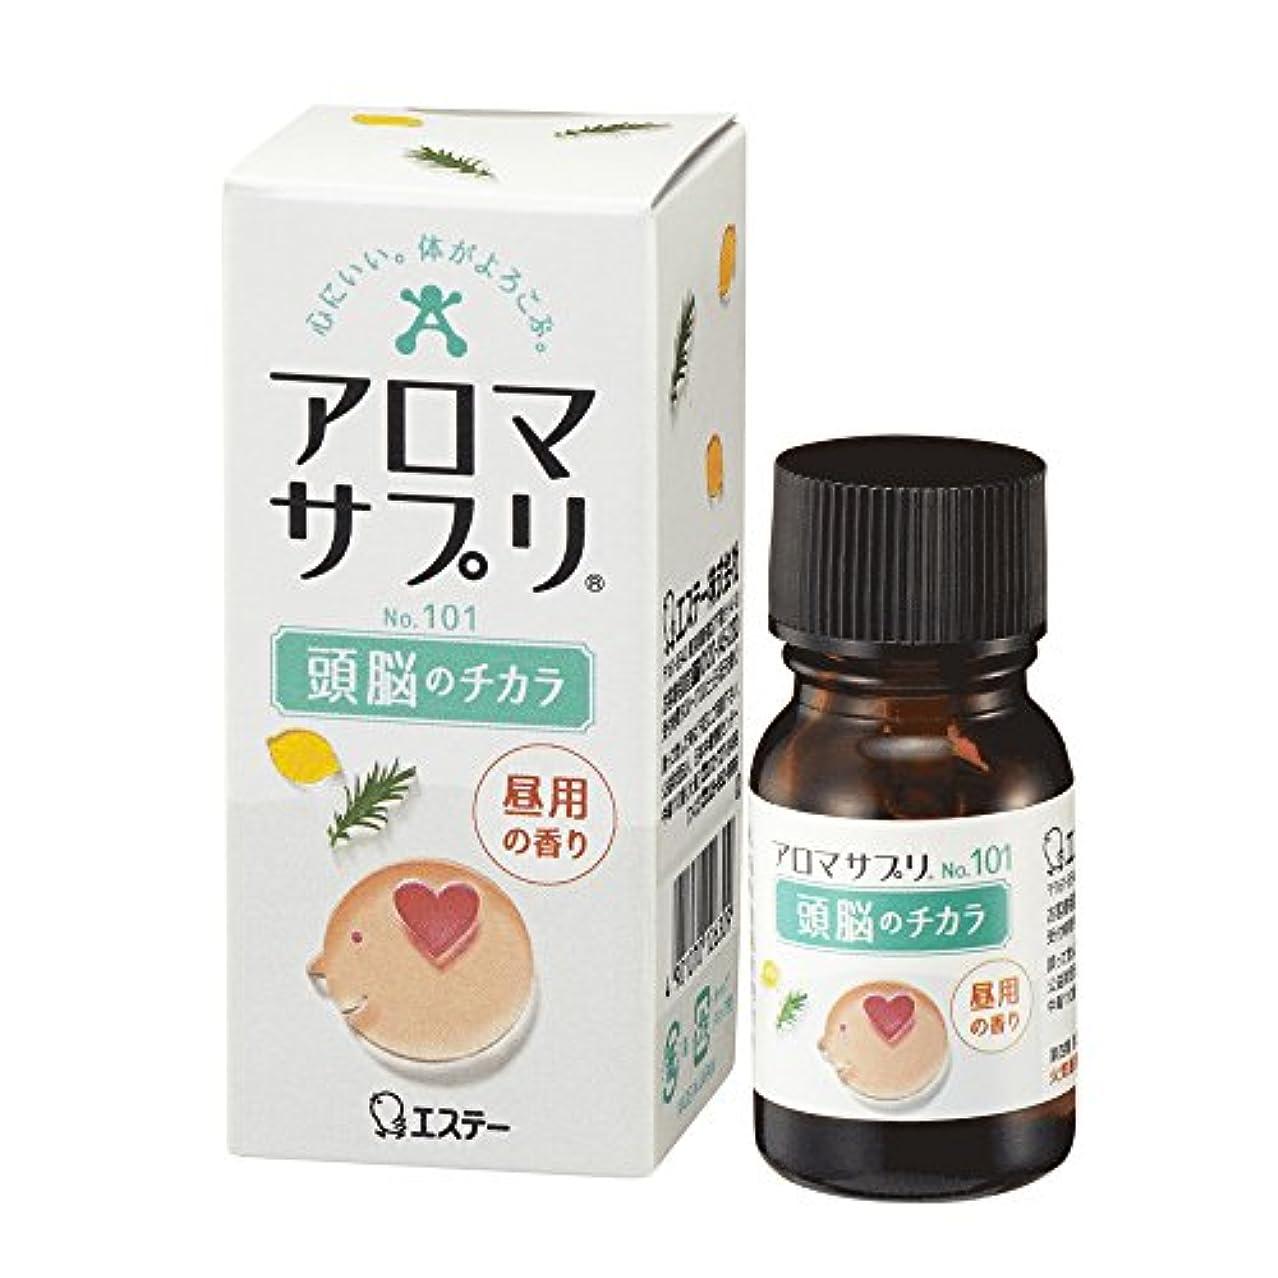 アロマサプリ 100%天然ブレンドアロマ 頭脳のチカラ 昼用の香り ローズマリーカンファー&レモン 10ml (約60回分)